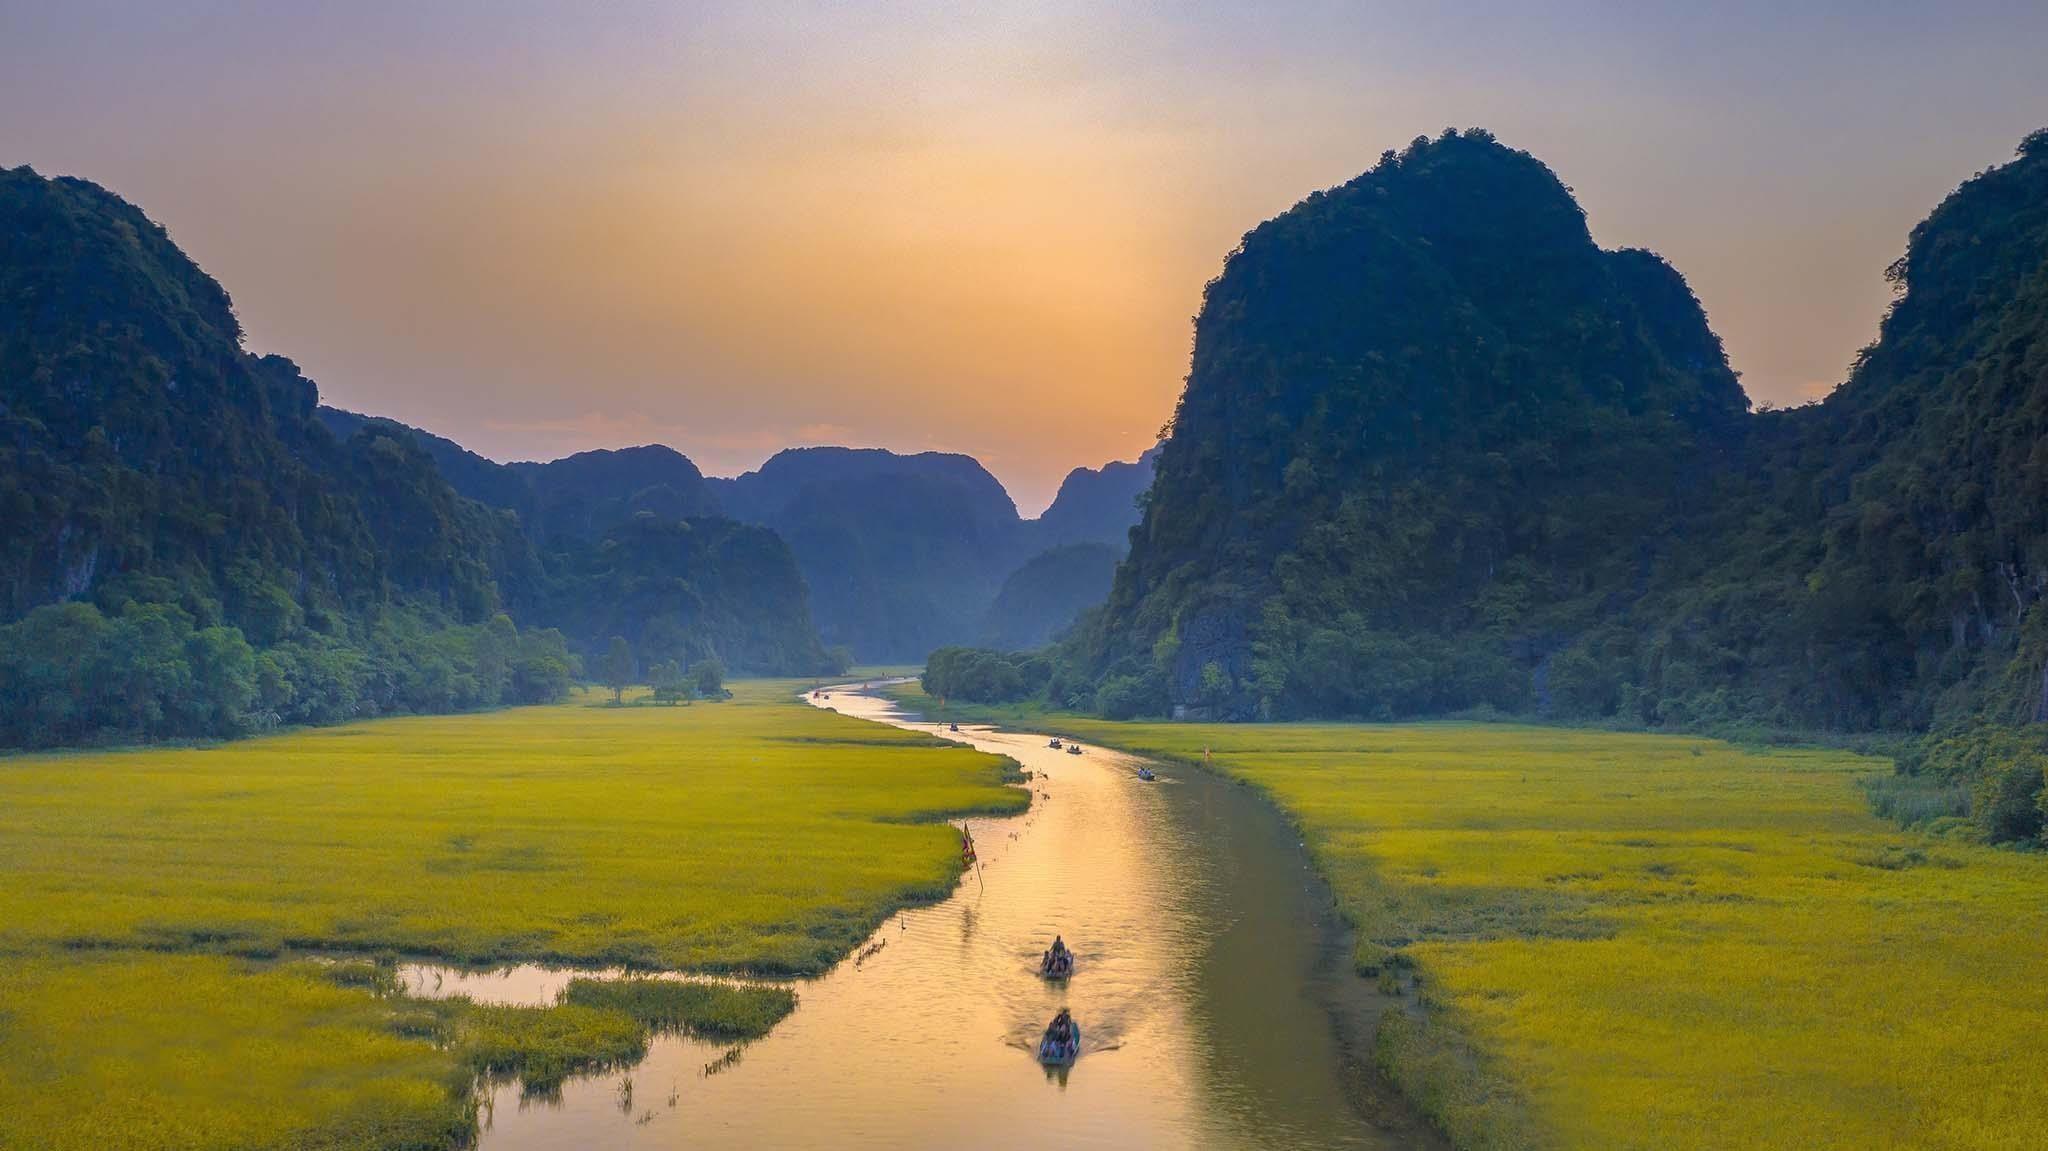 Phong canh, con nguoi khap 3 mien dat Viet dep sung so qua anh hinh anh 6